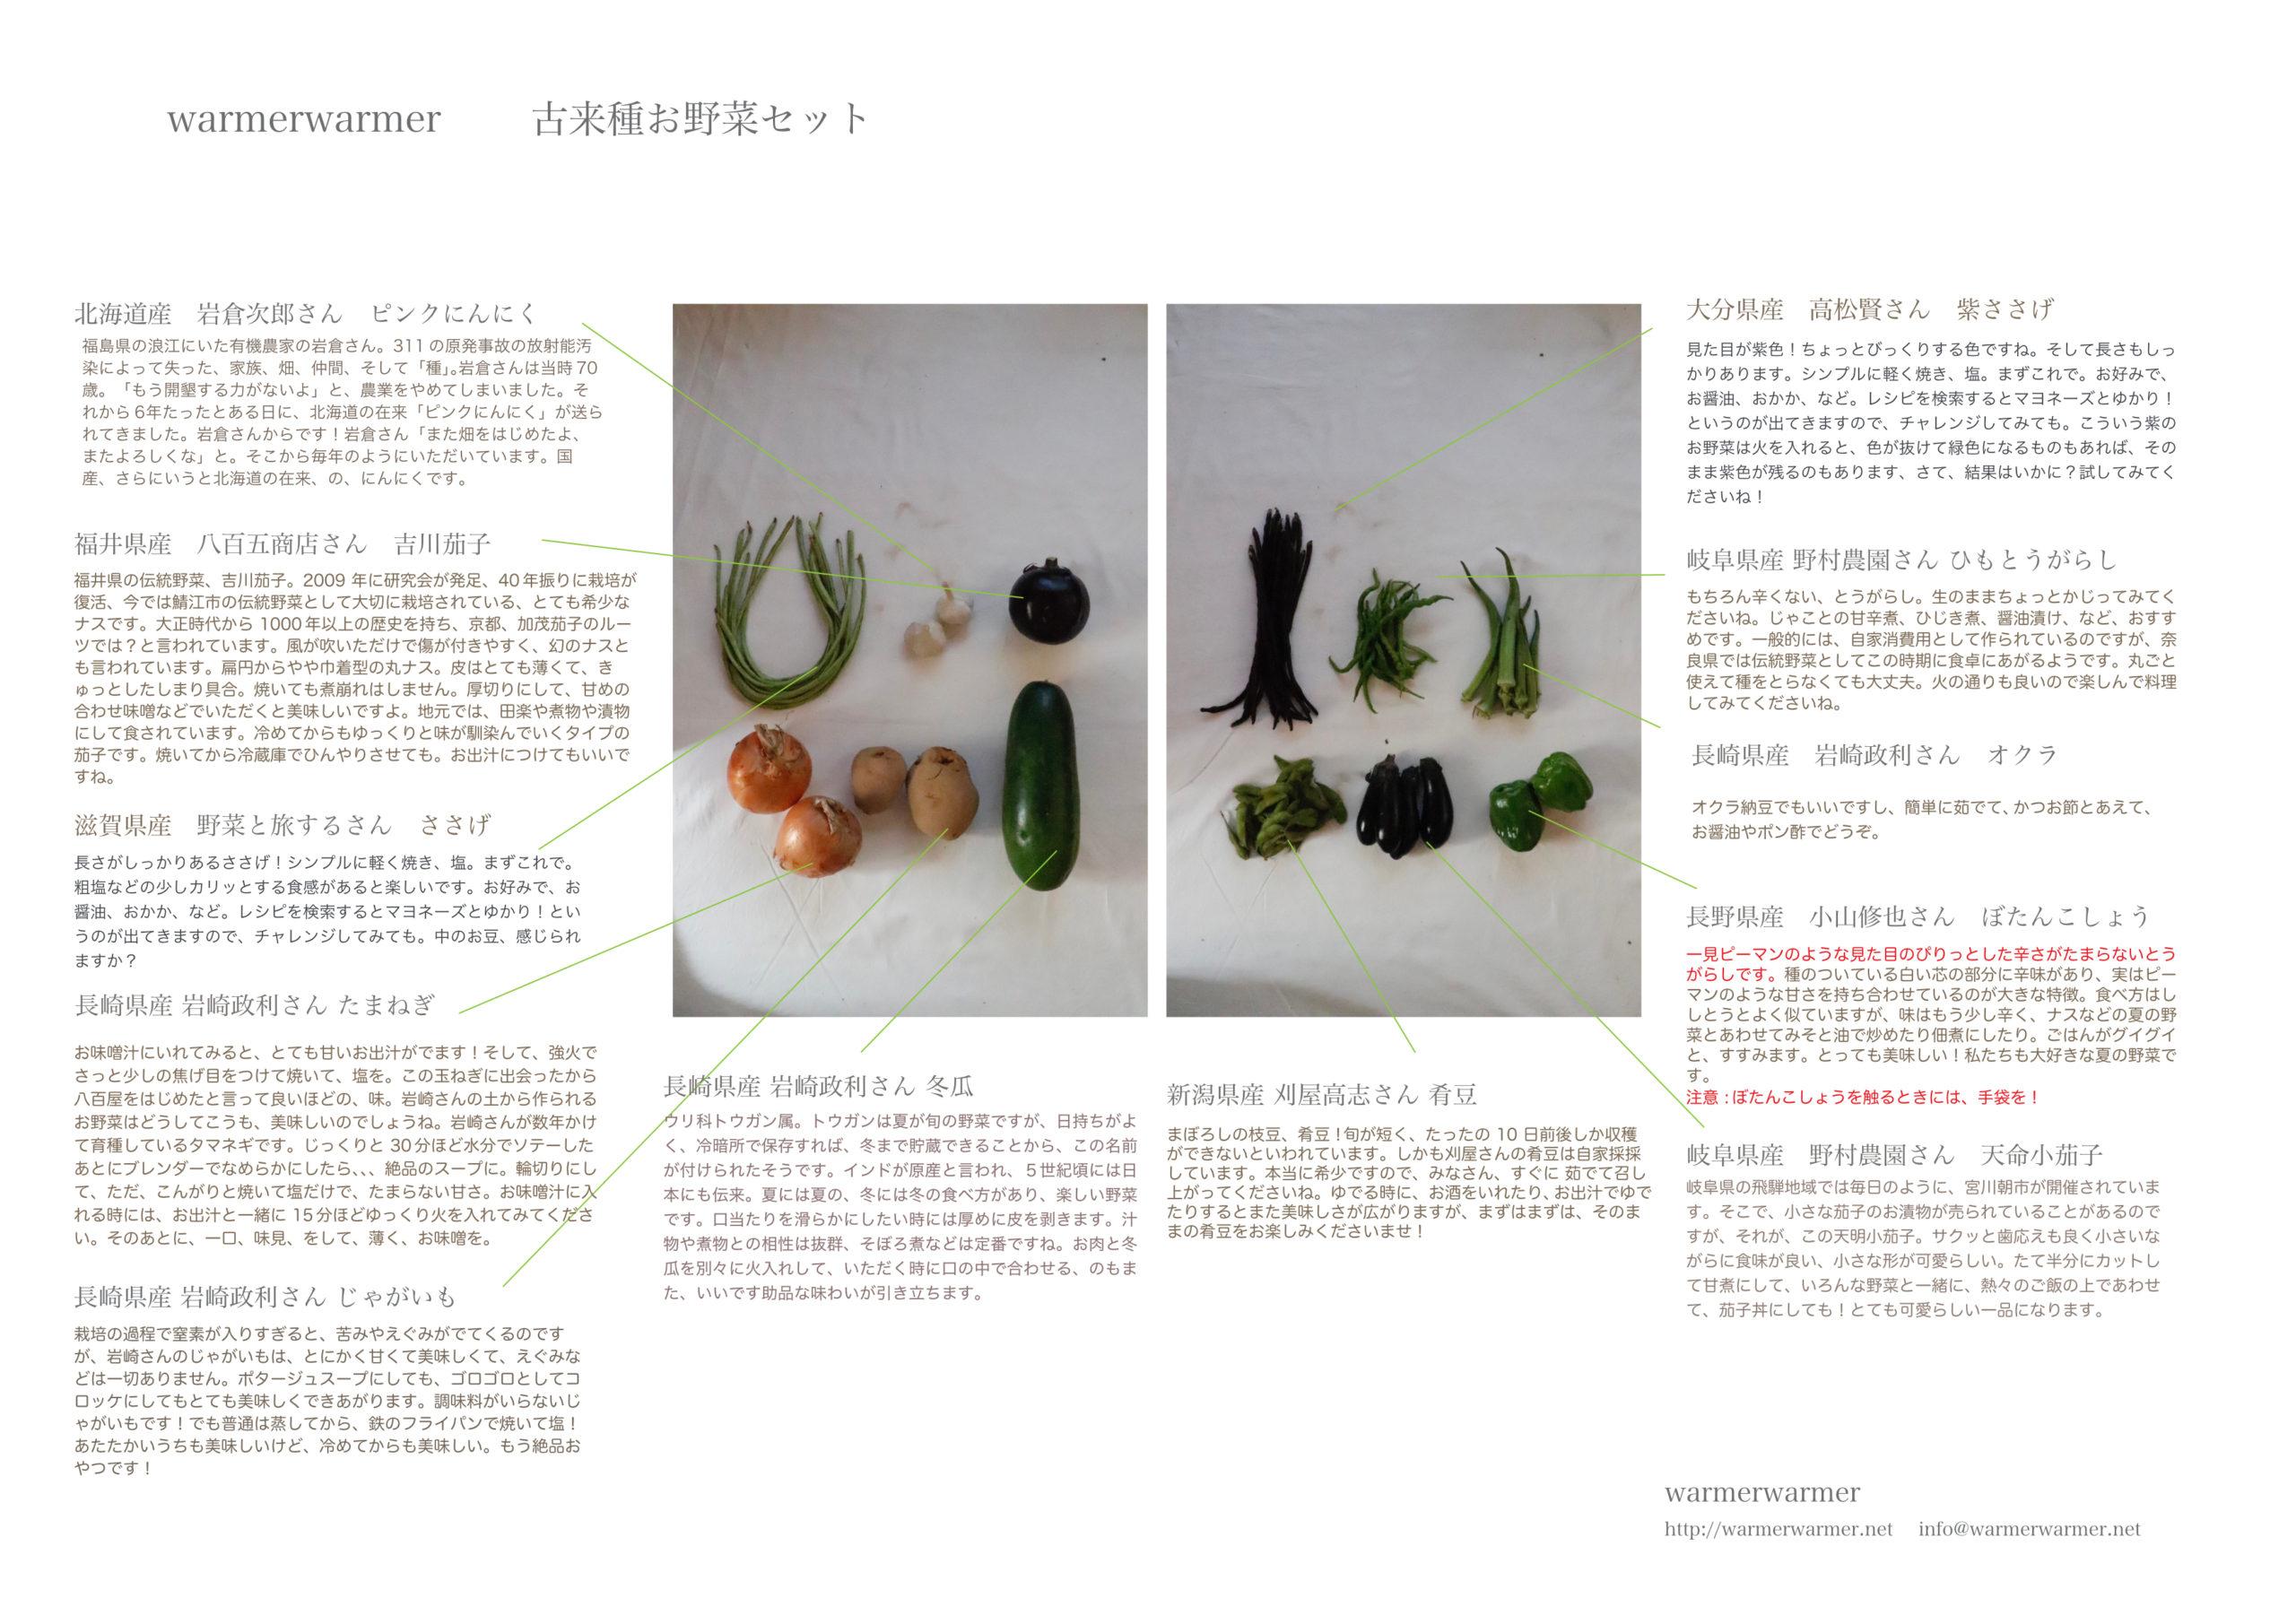 9月24日 本日のお野菜セット